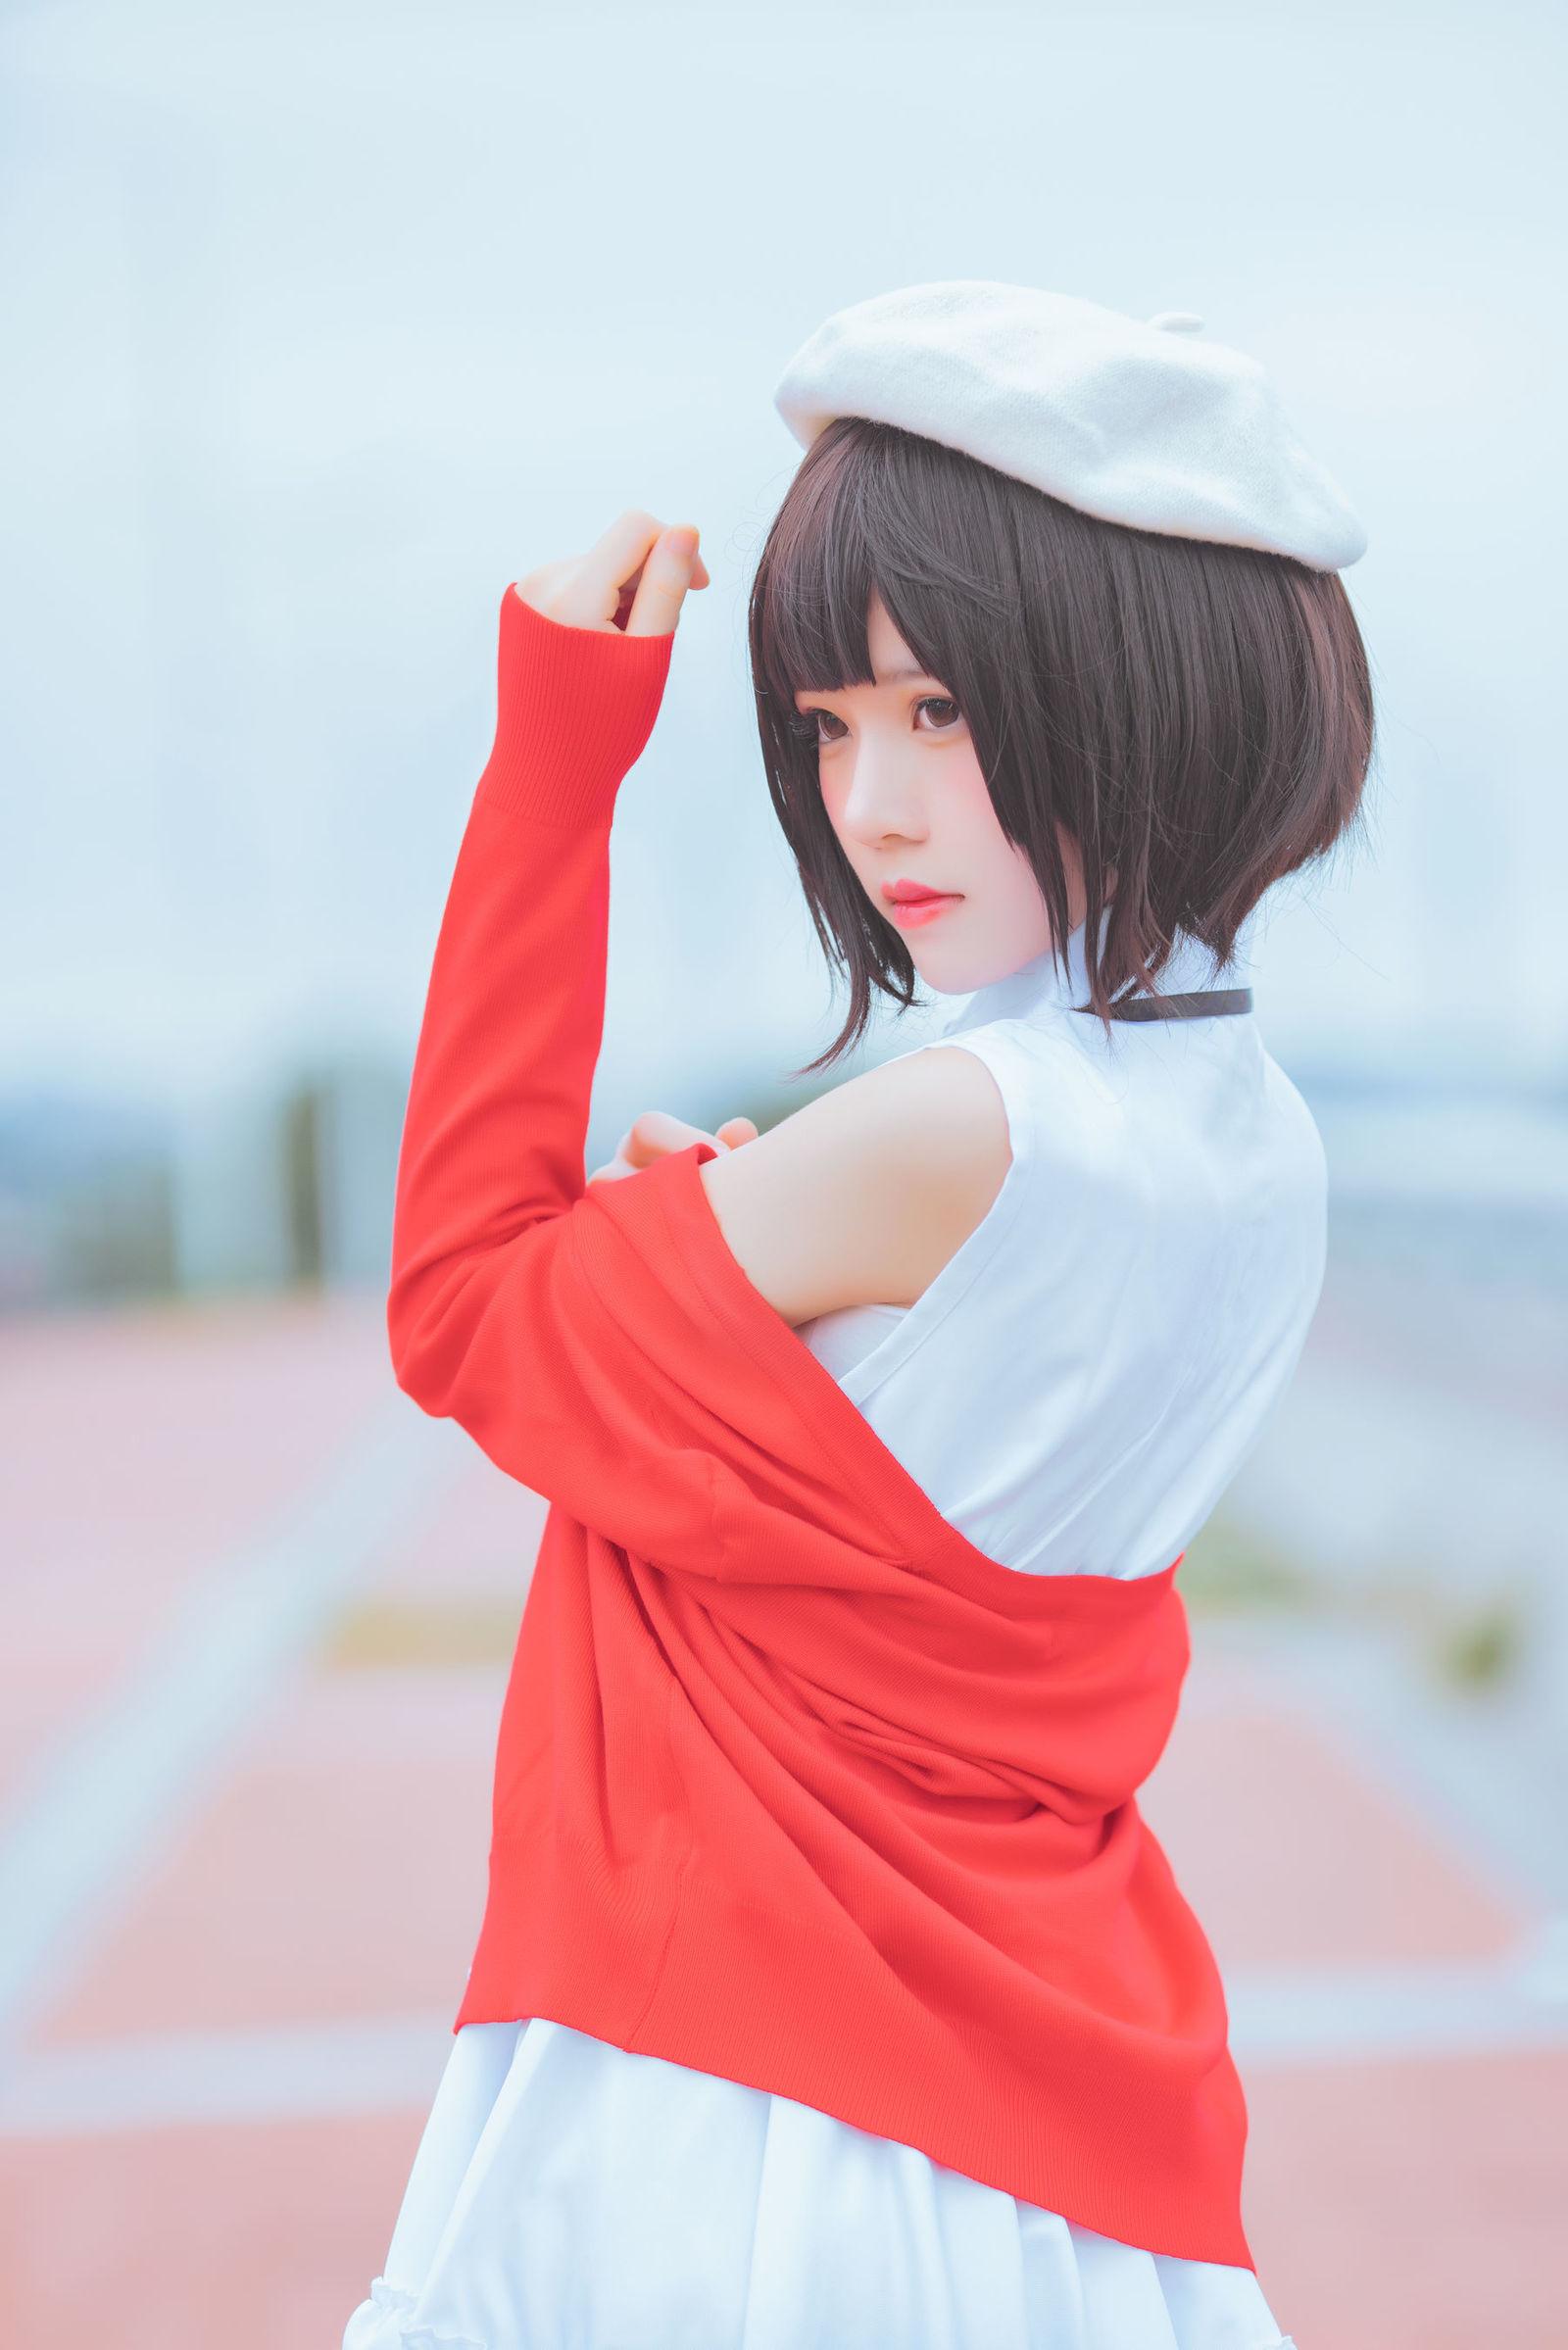 加藤惠 桜桃喵 COSPLAY11